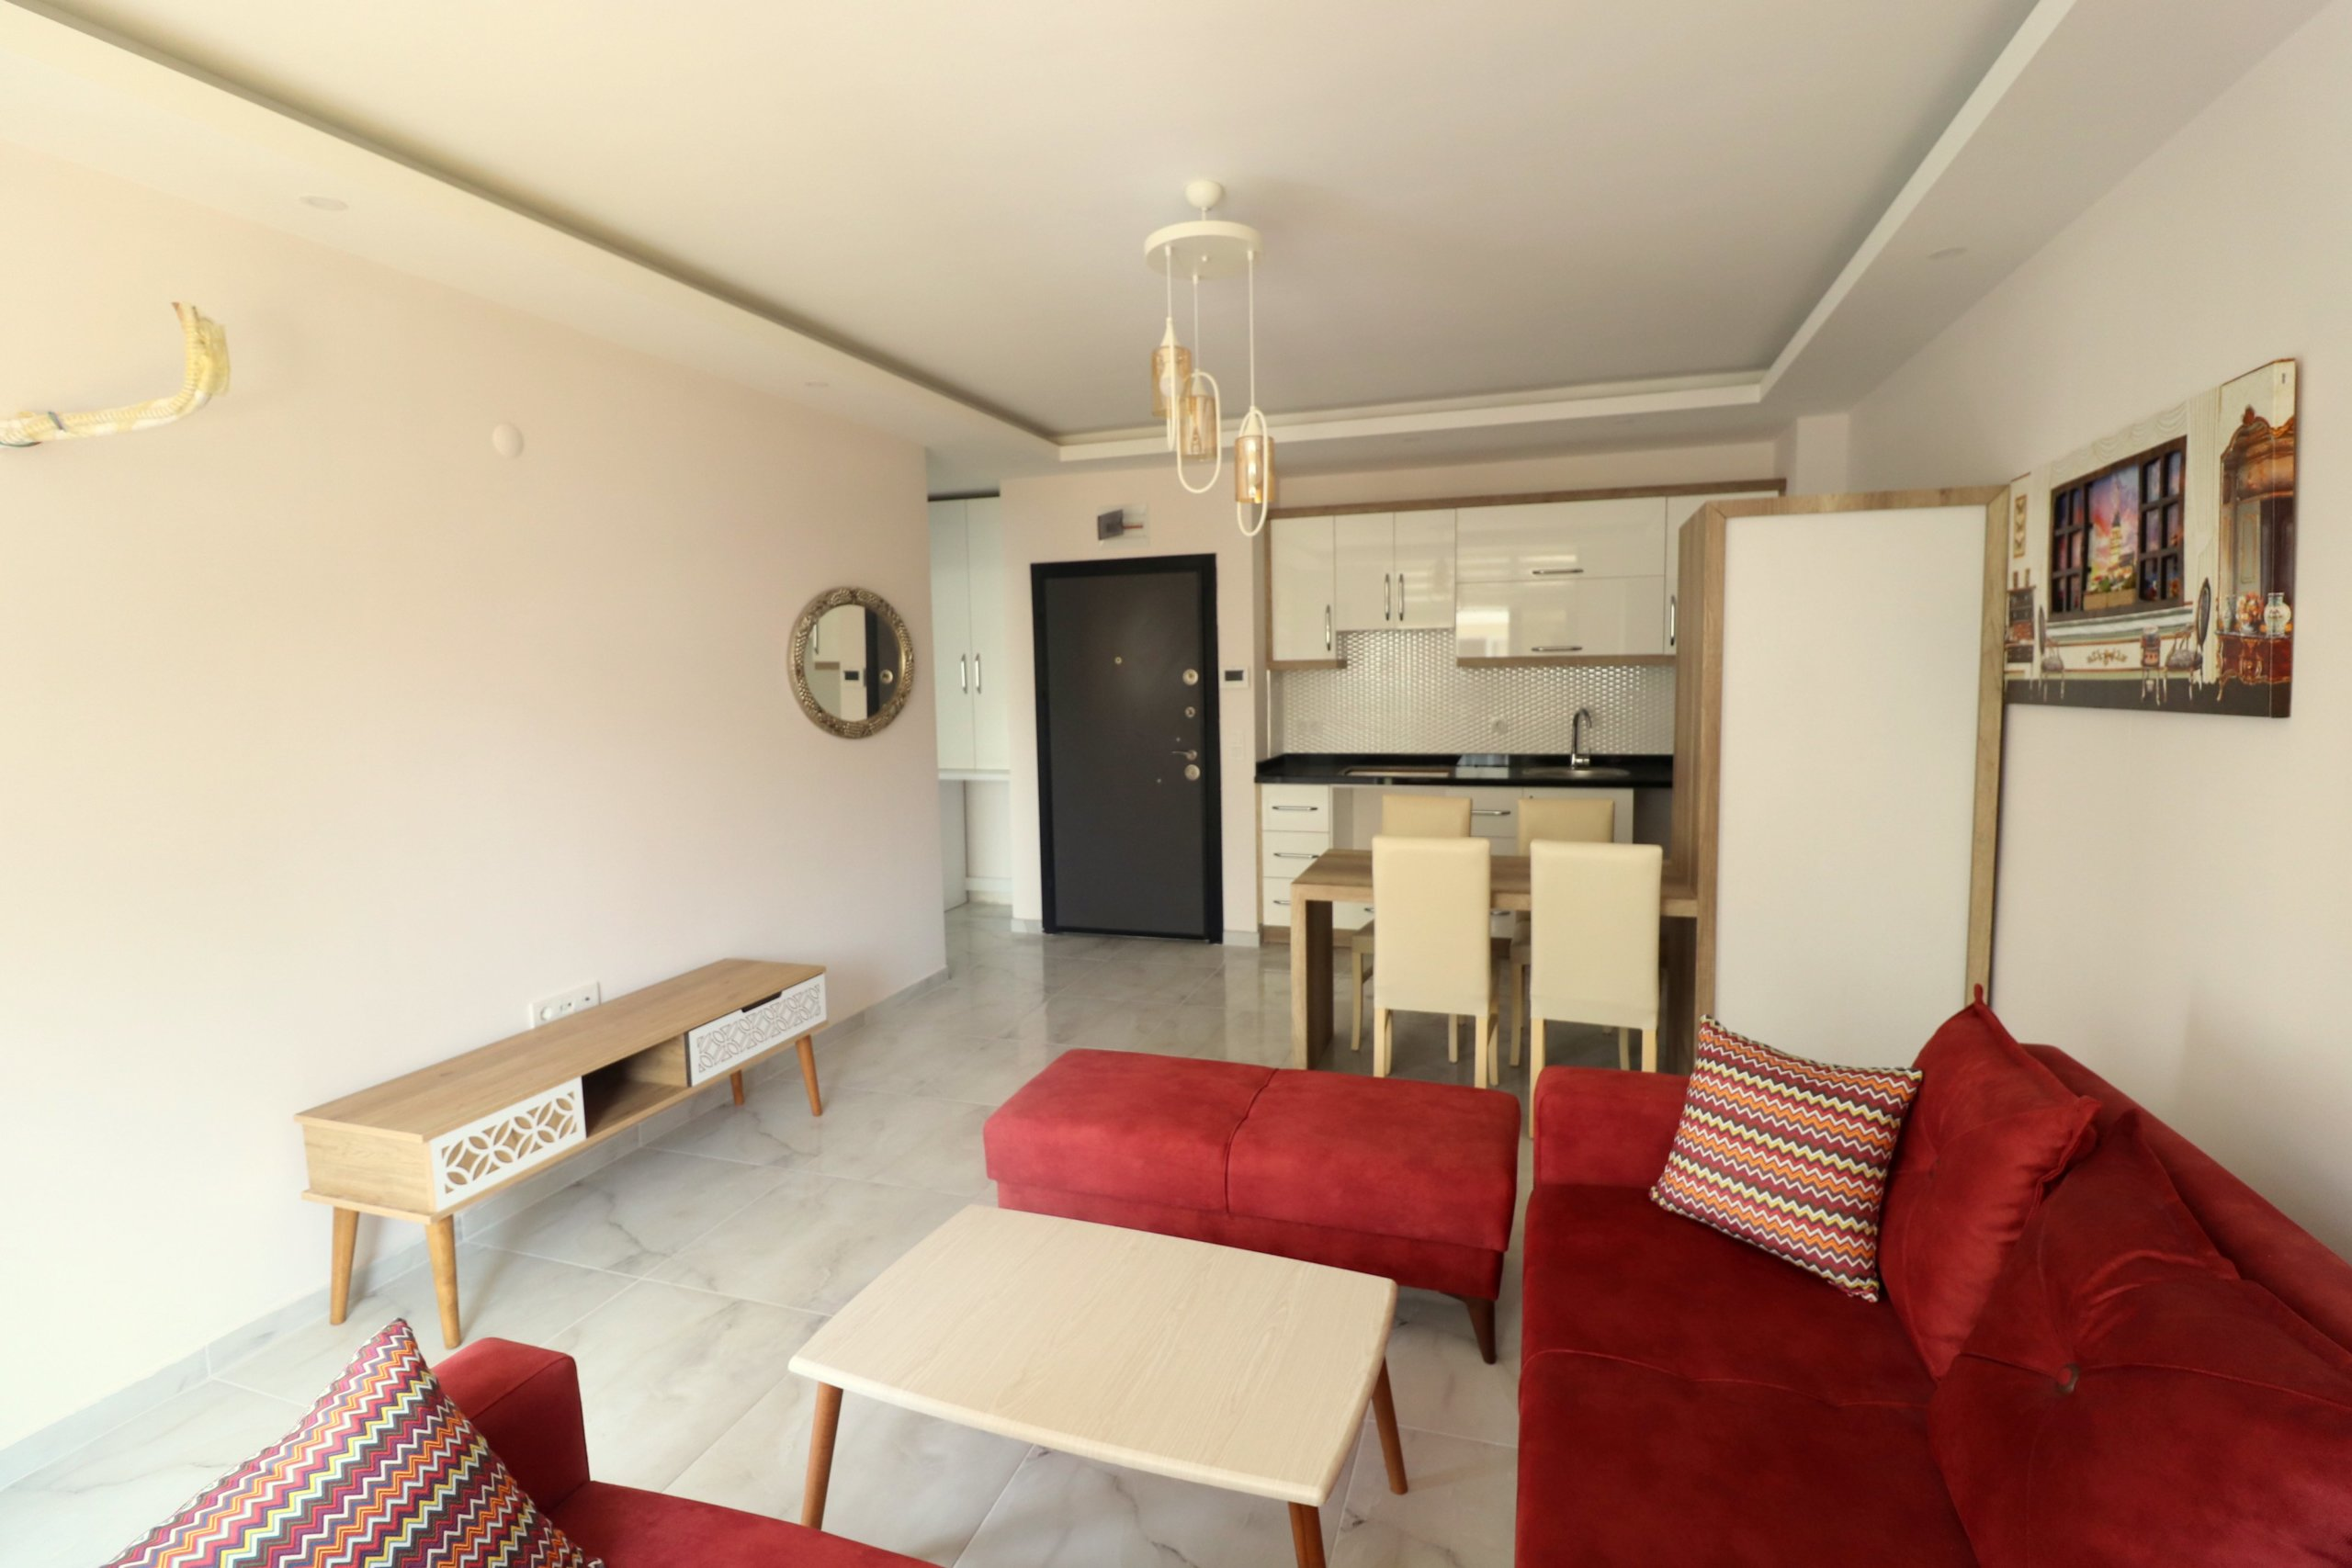 Алания Махмутлар Квартира Планировки 1+1 с Мебелью в Доме с Бассейном